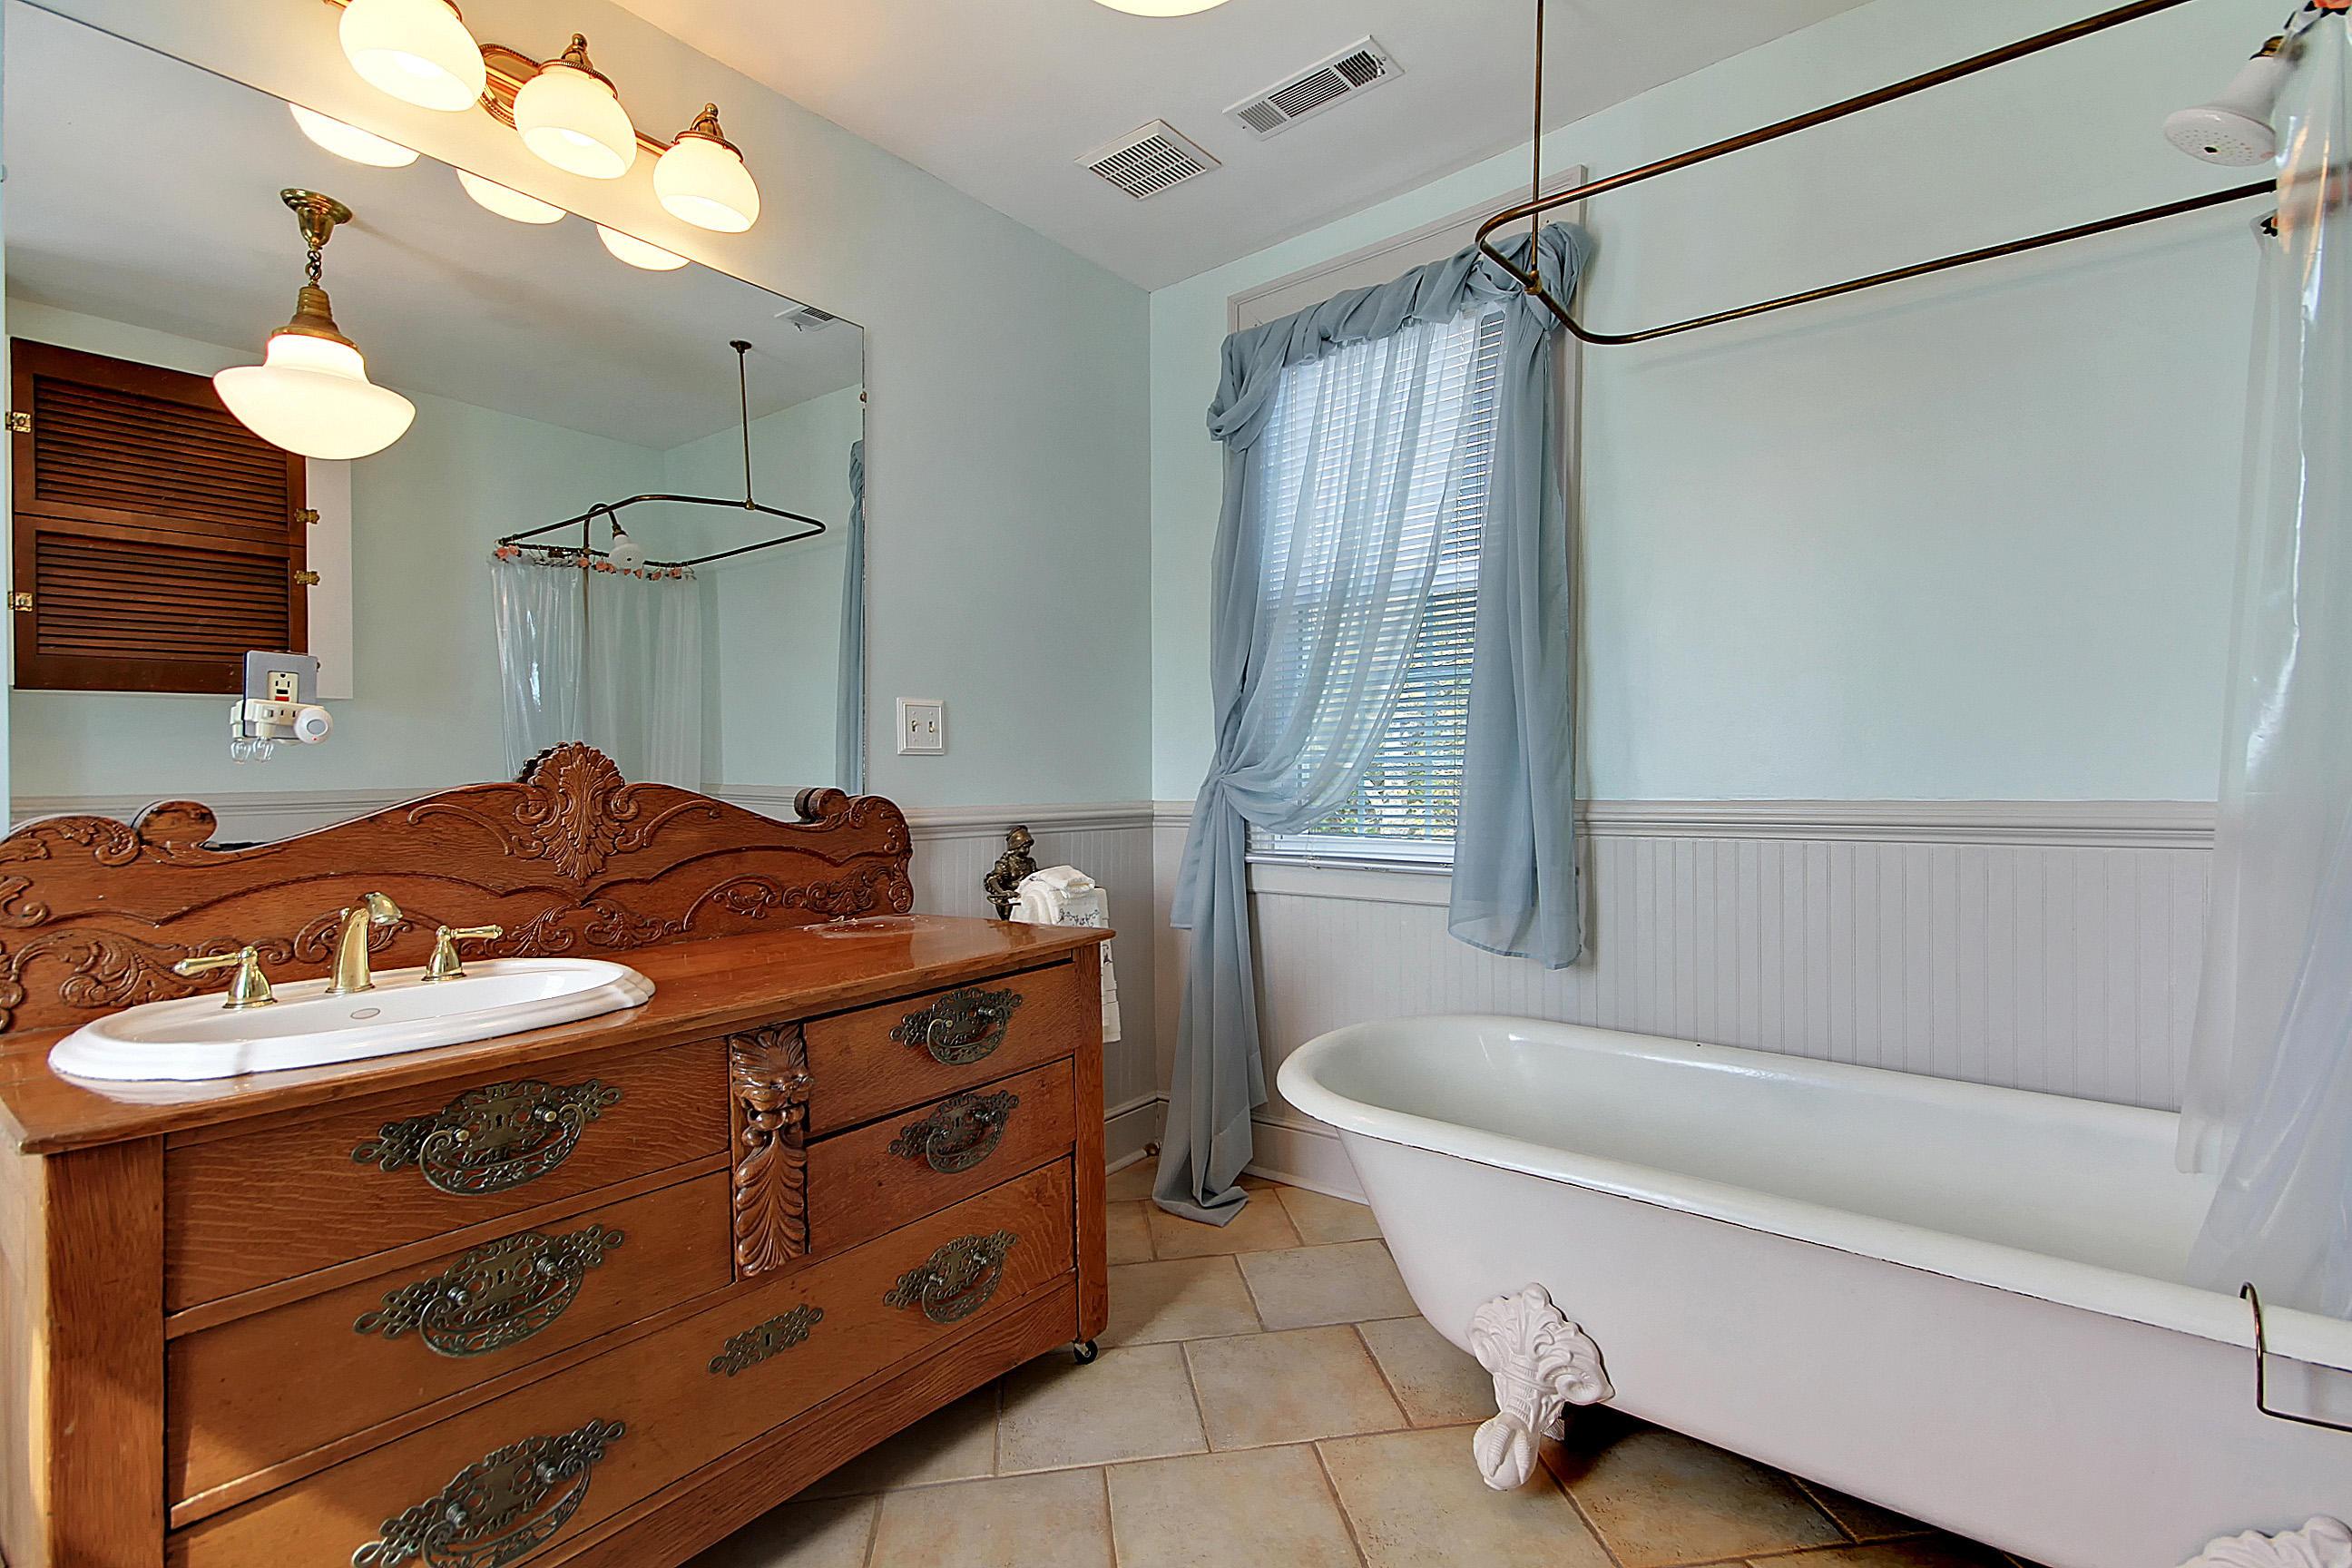 Harleston Village Homes For Sale - 218 Wentworth, Charleston, SC - 57